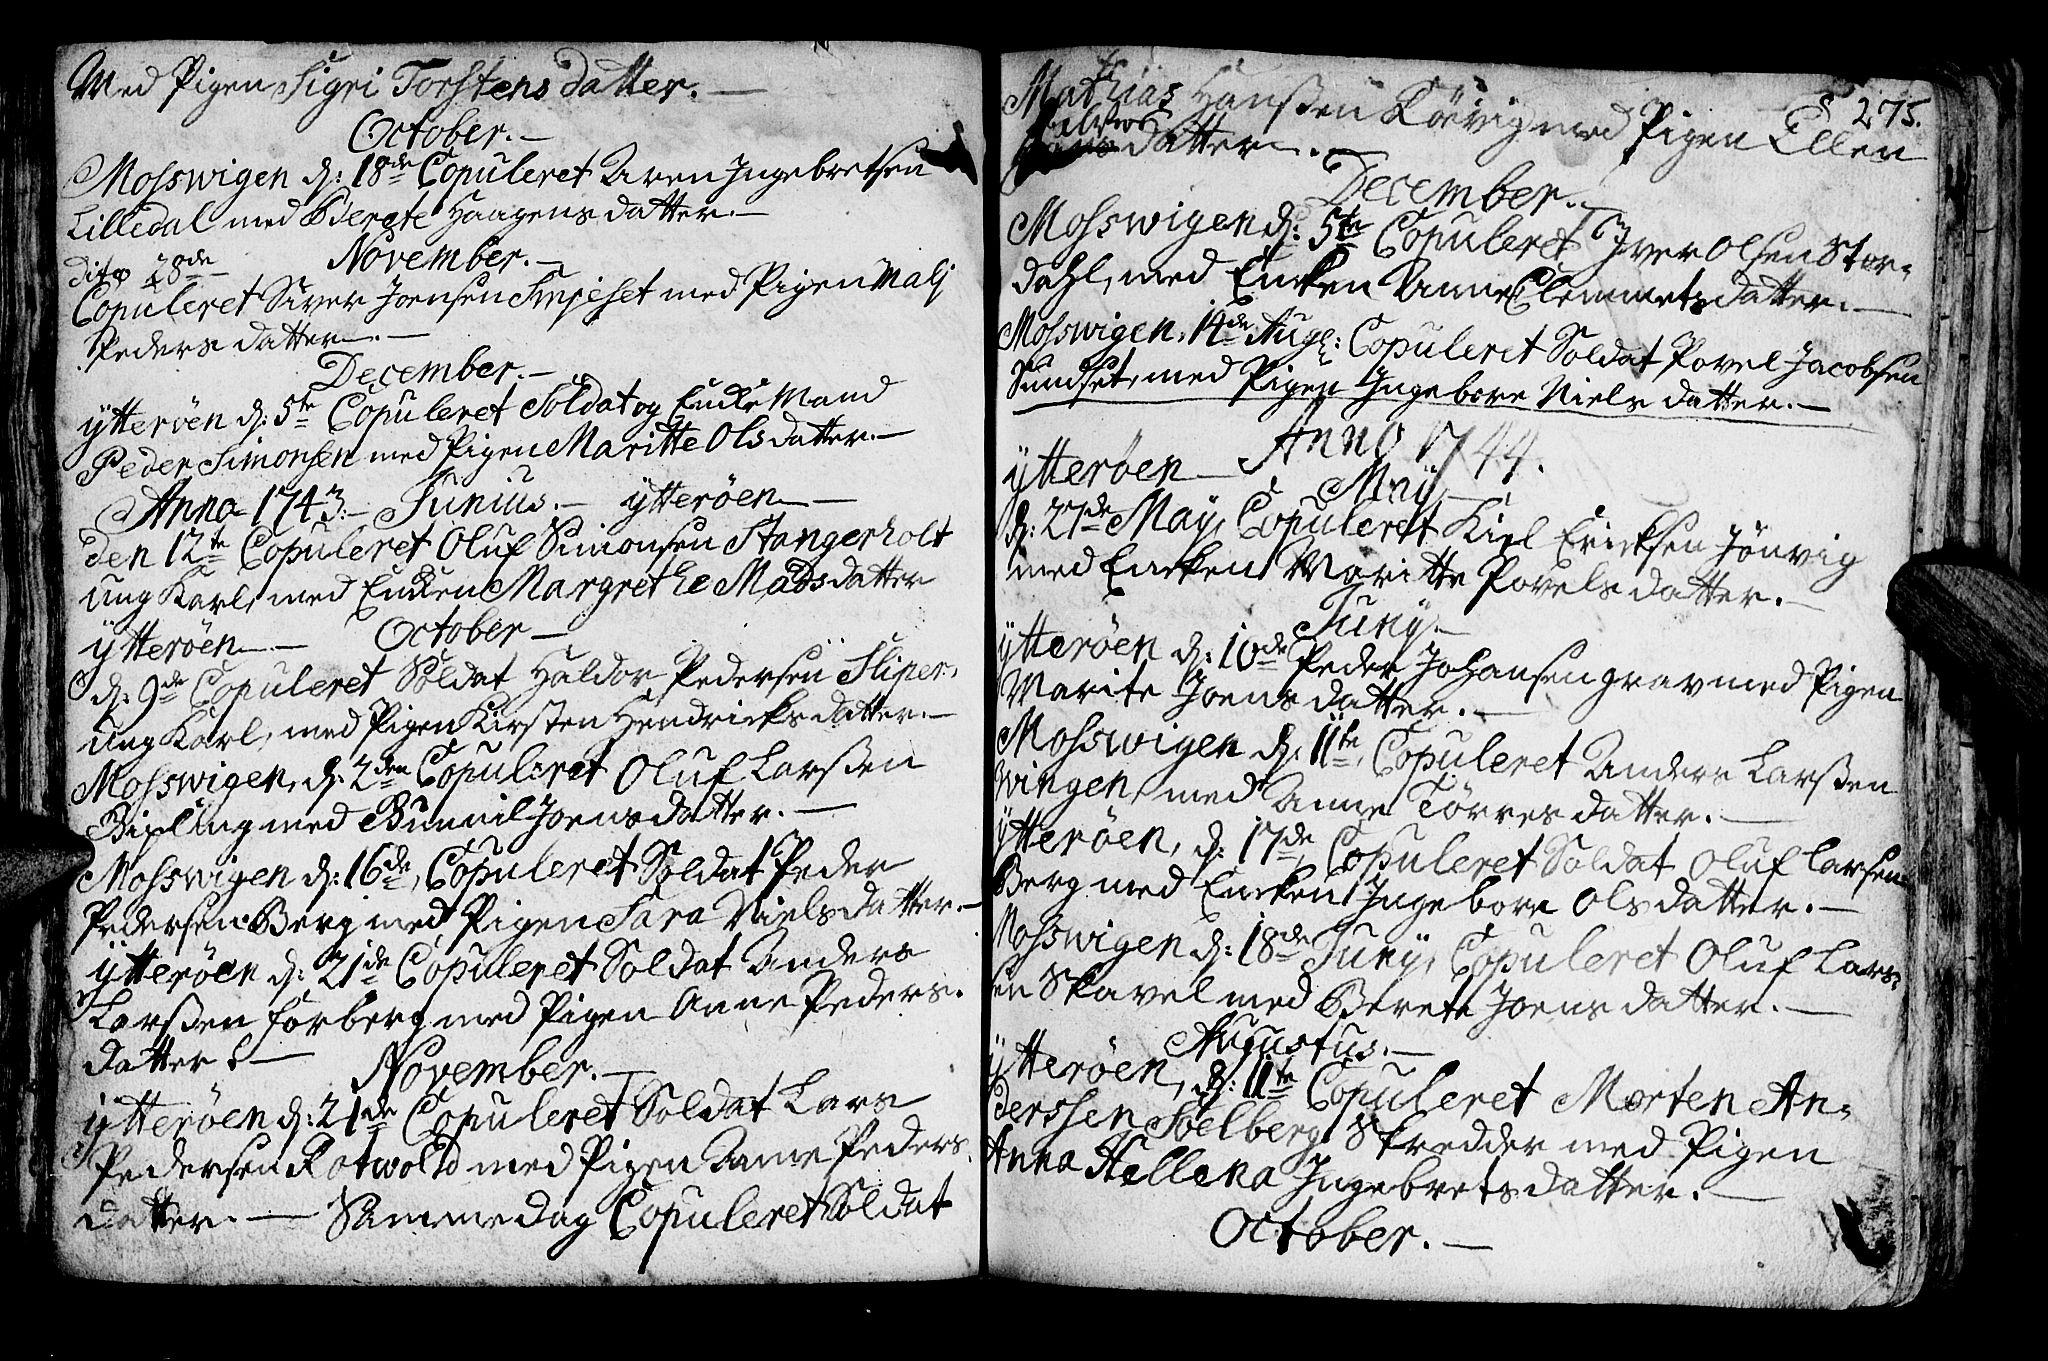 SAT, Ministerialprotokoller, klokkerbøker og fødselsregistre - Nord-Trøndelag, 722/L0215: Ministerialbok nr. 722A02, 1718-1755, s. 275